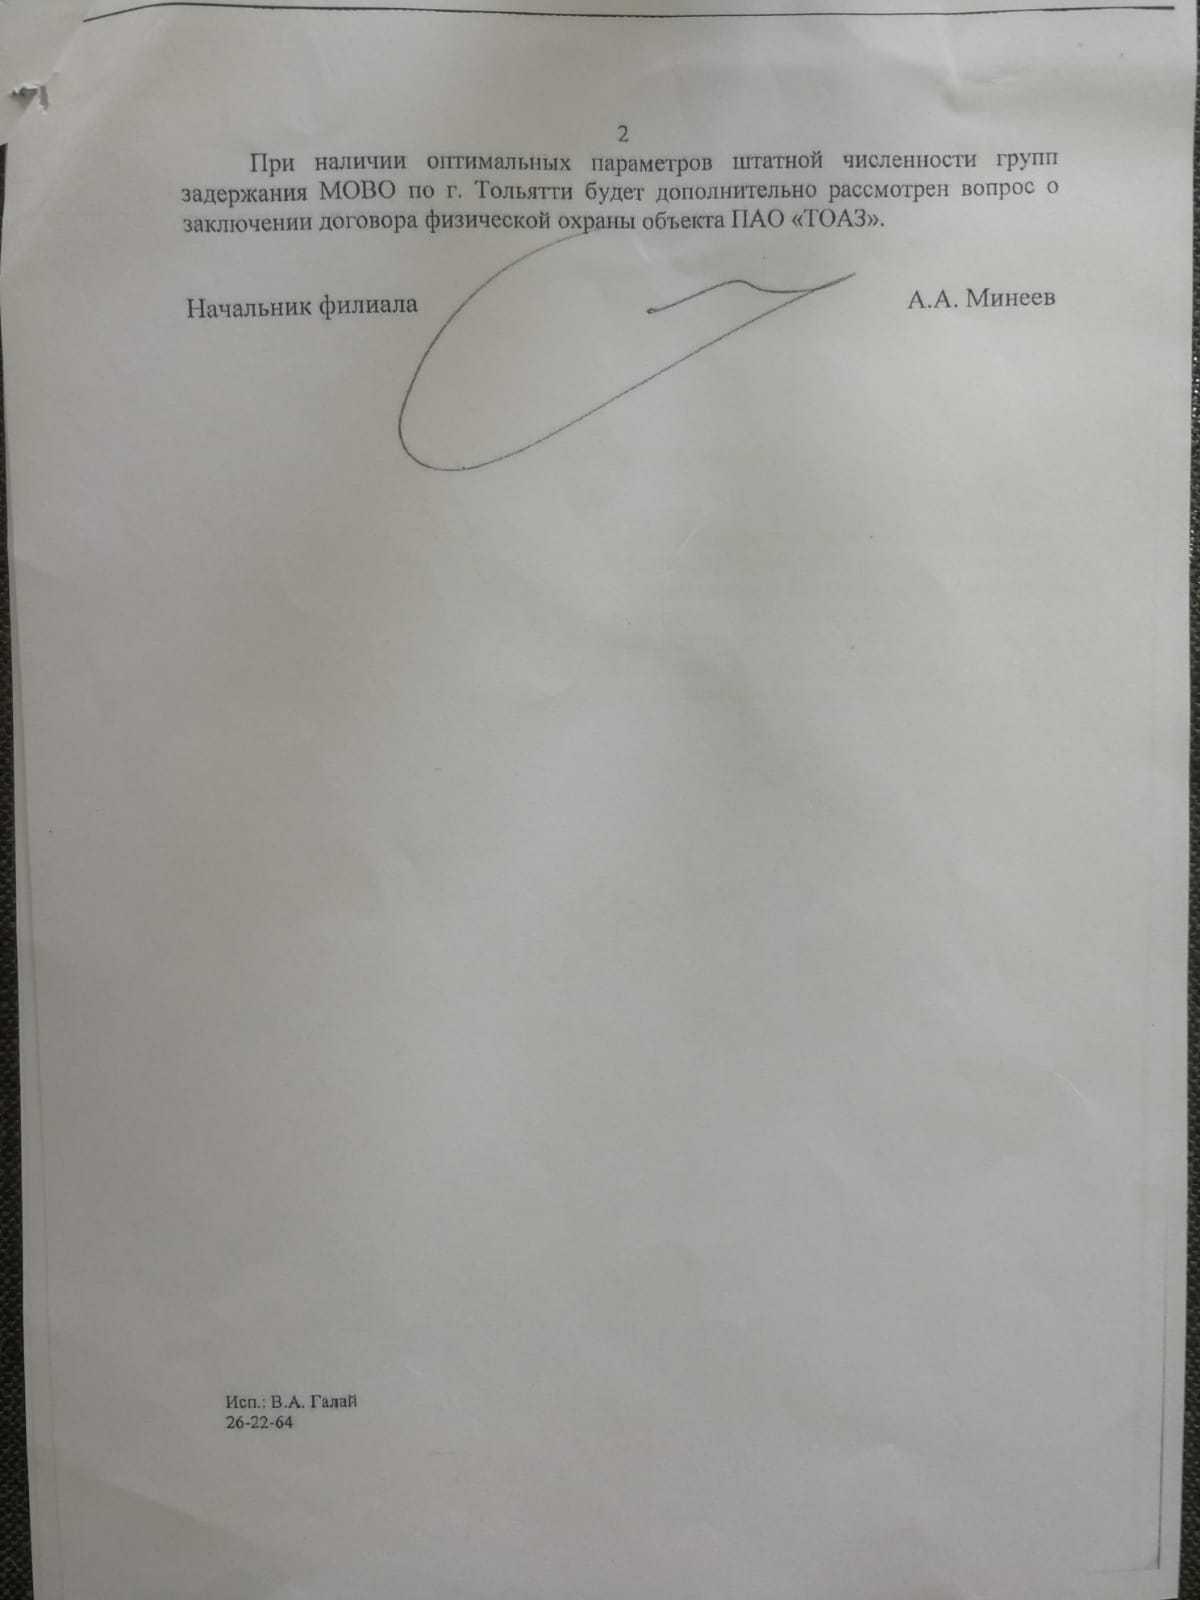 Коррупционный сговор оставил ТоАЗ без надлежащей охраны